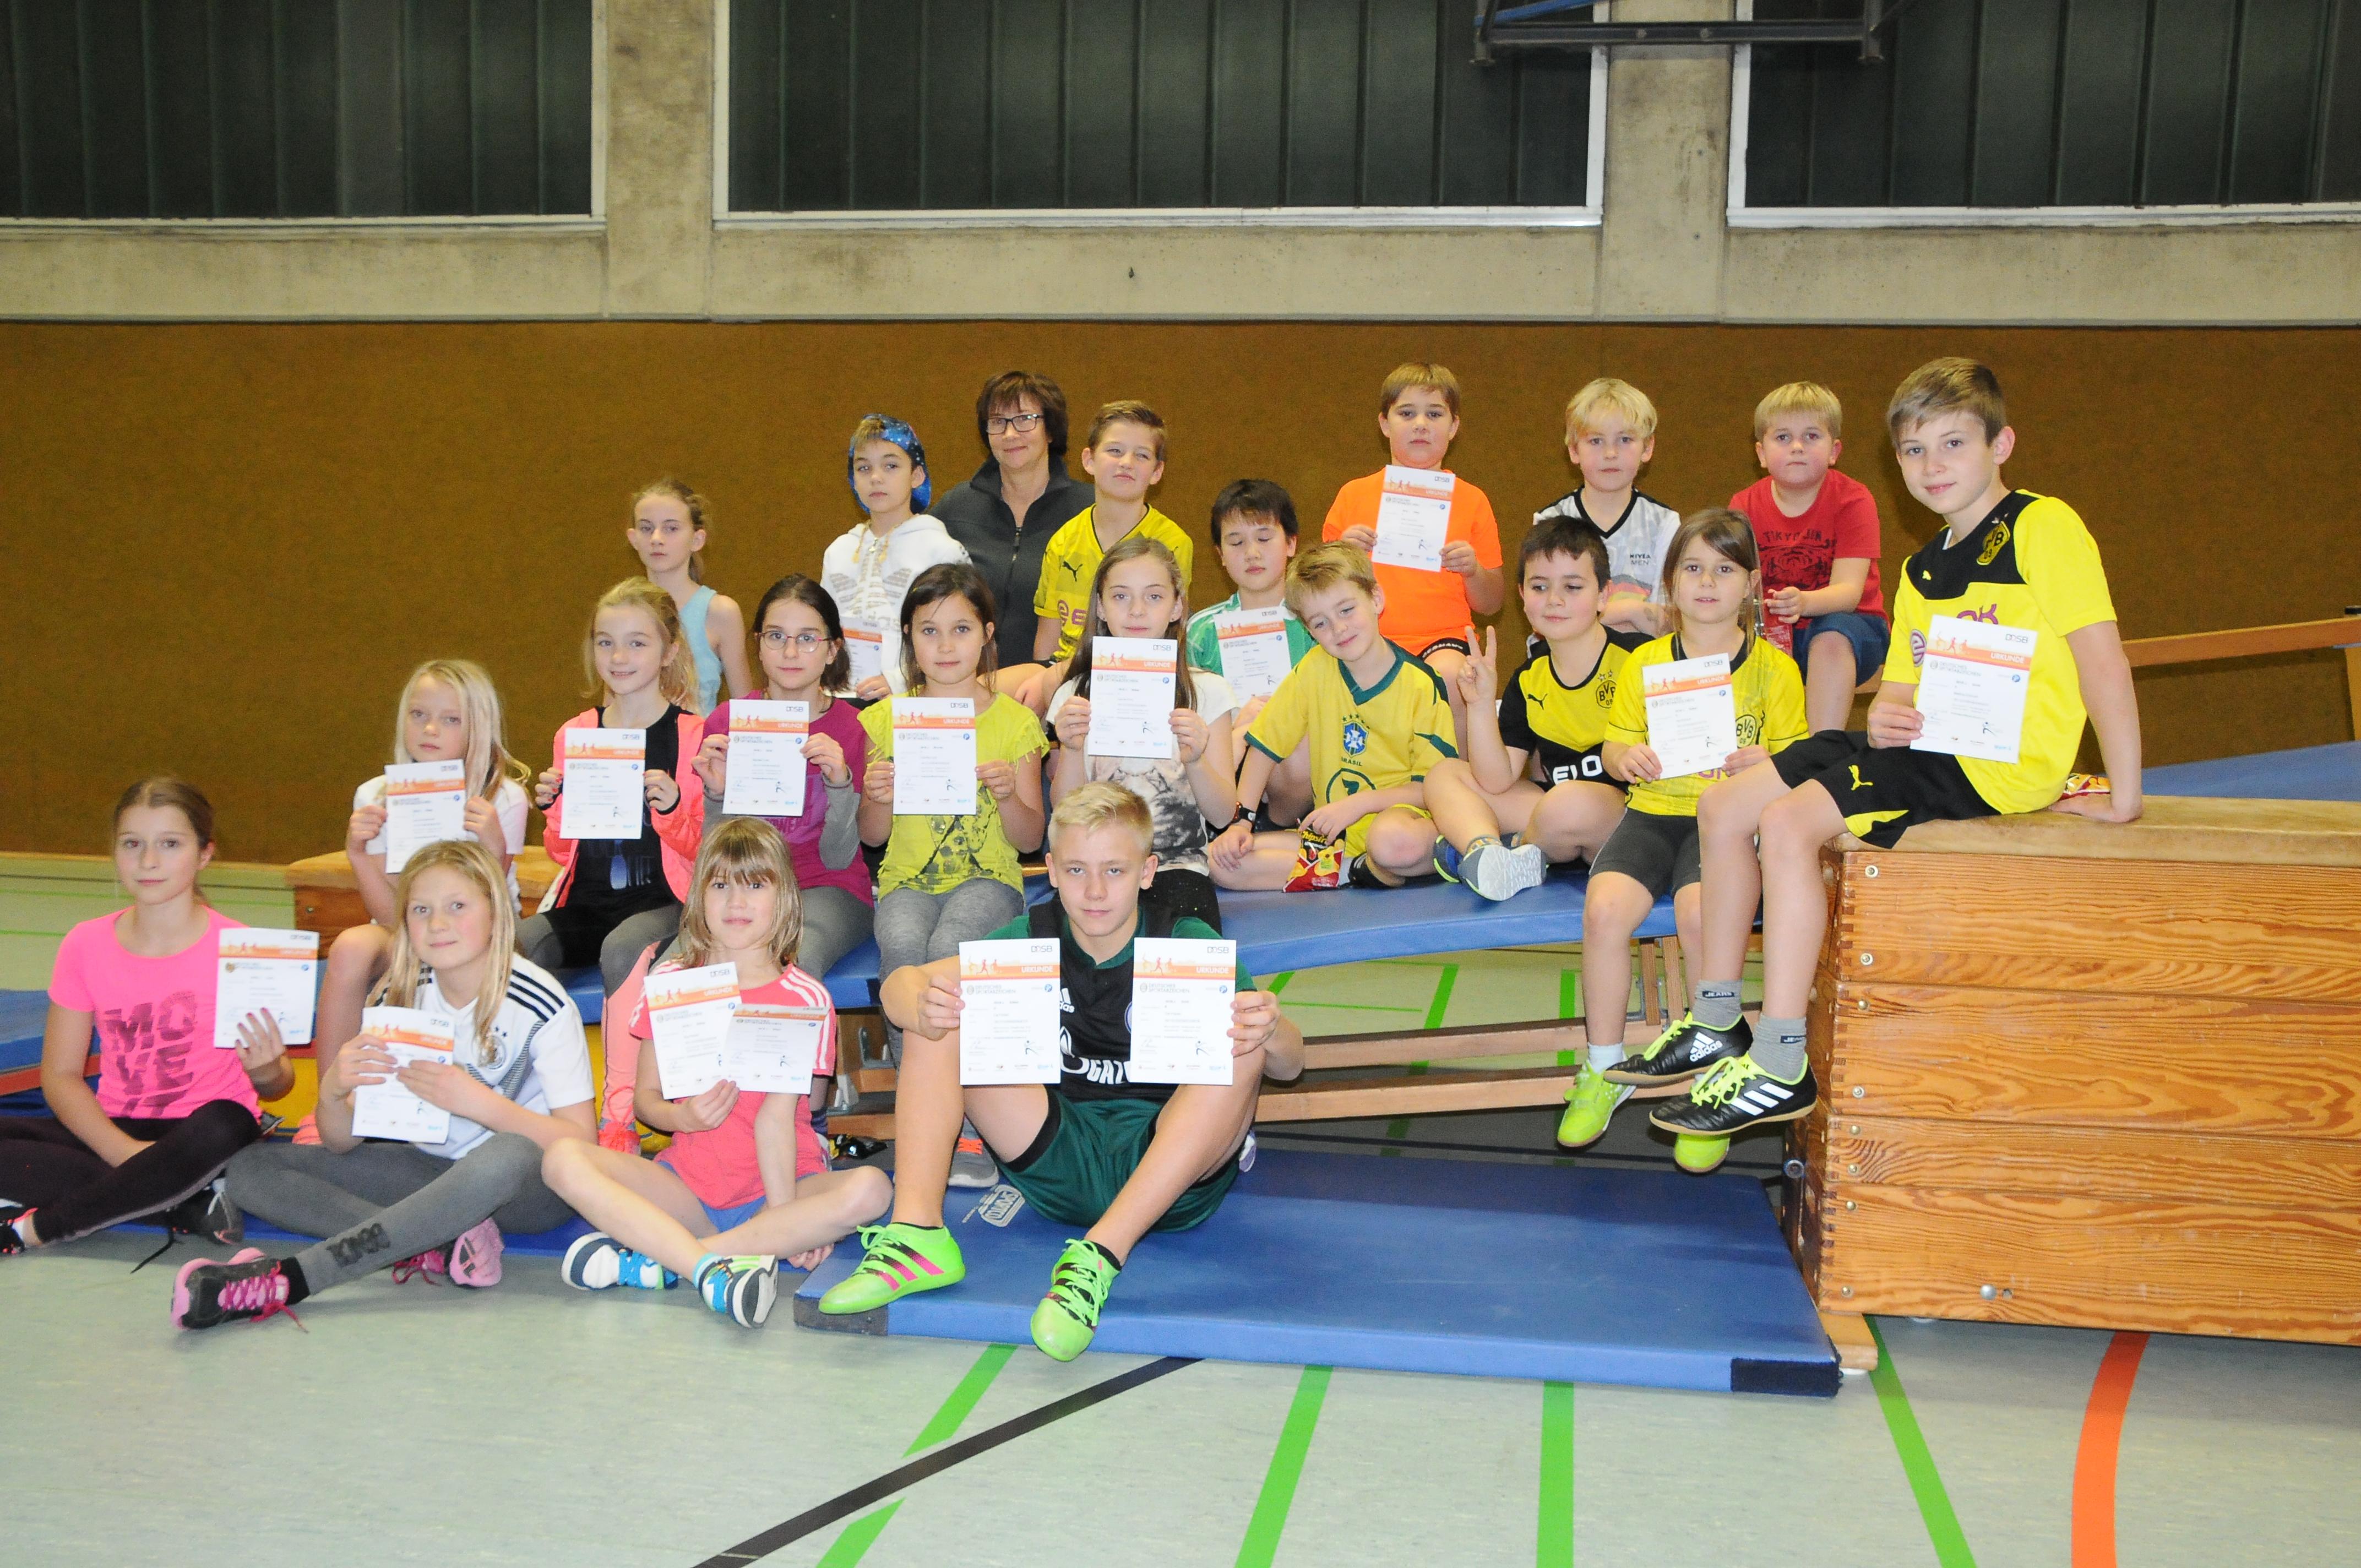 Leichtathletik Club Soester Börde